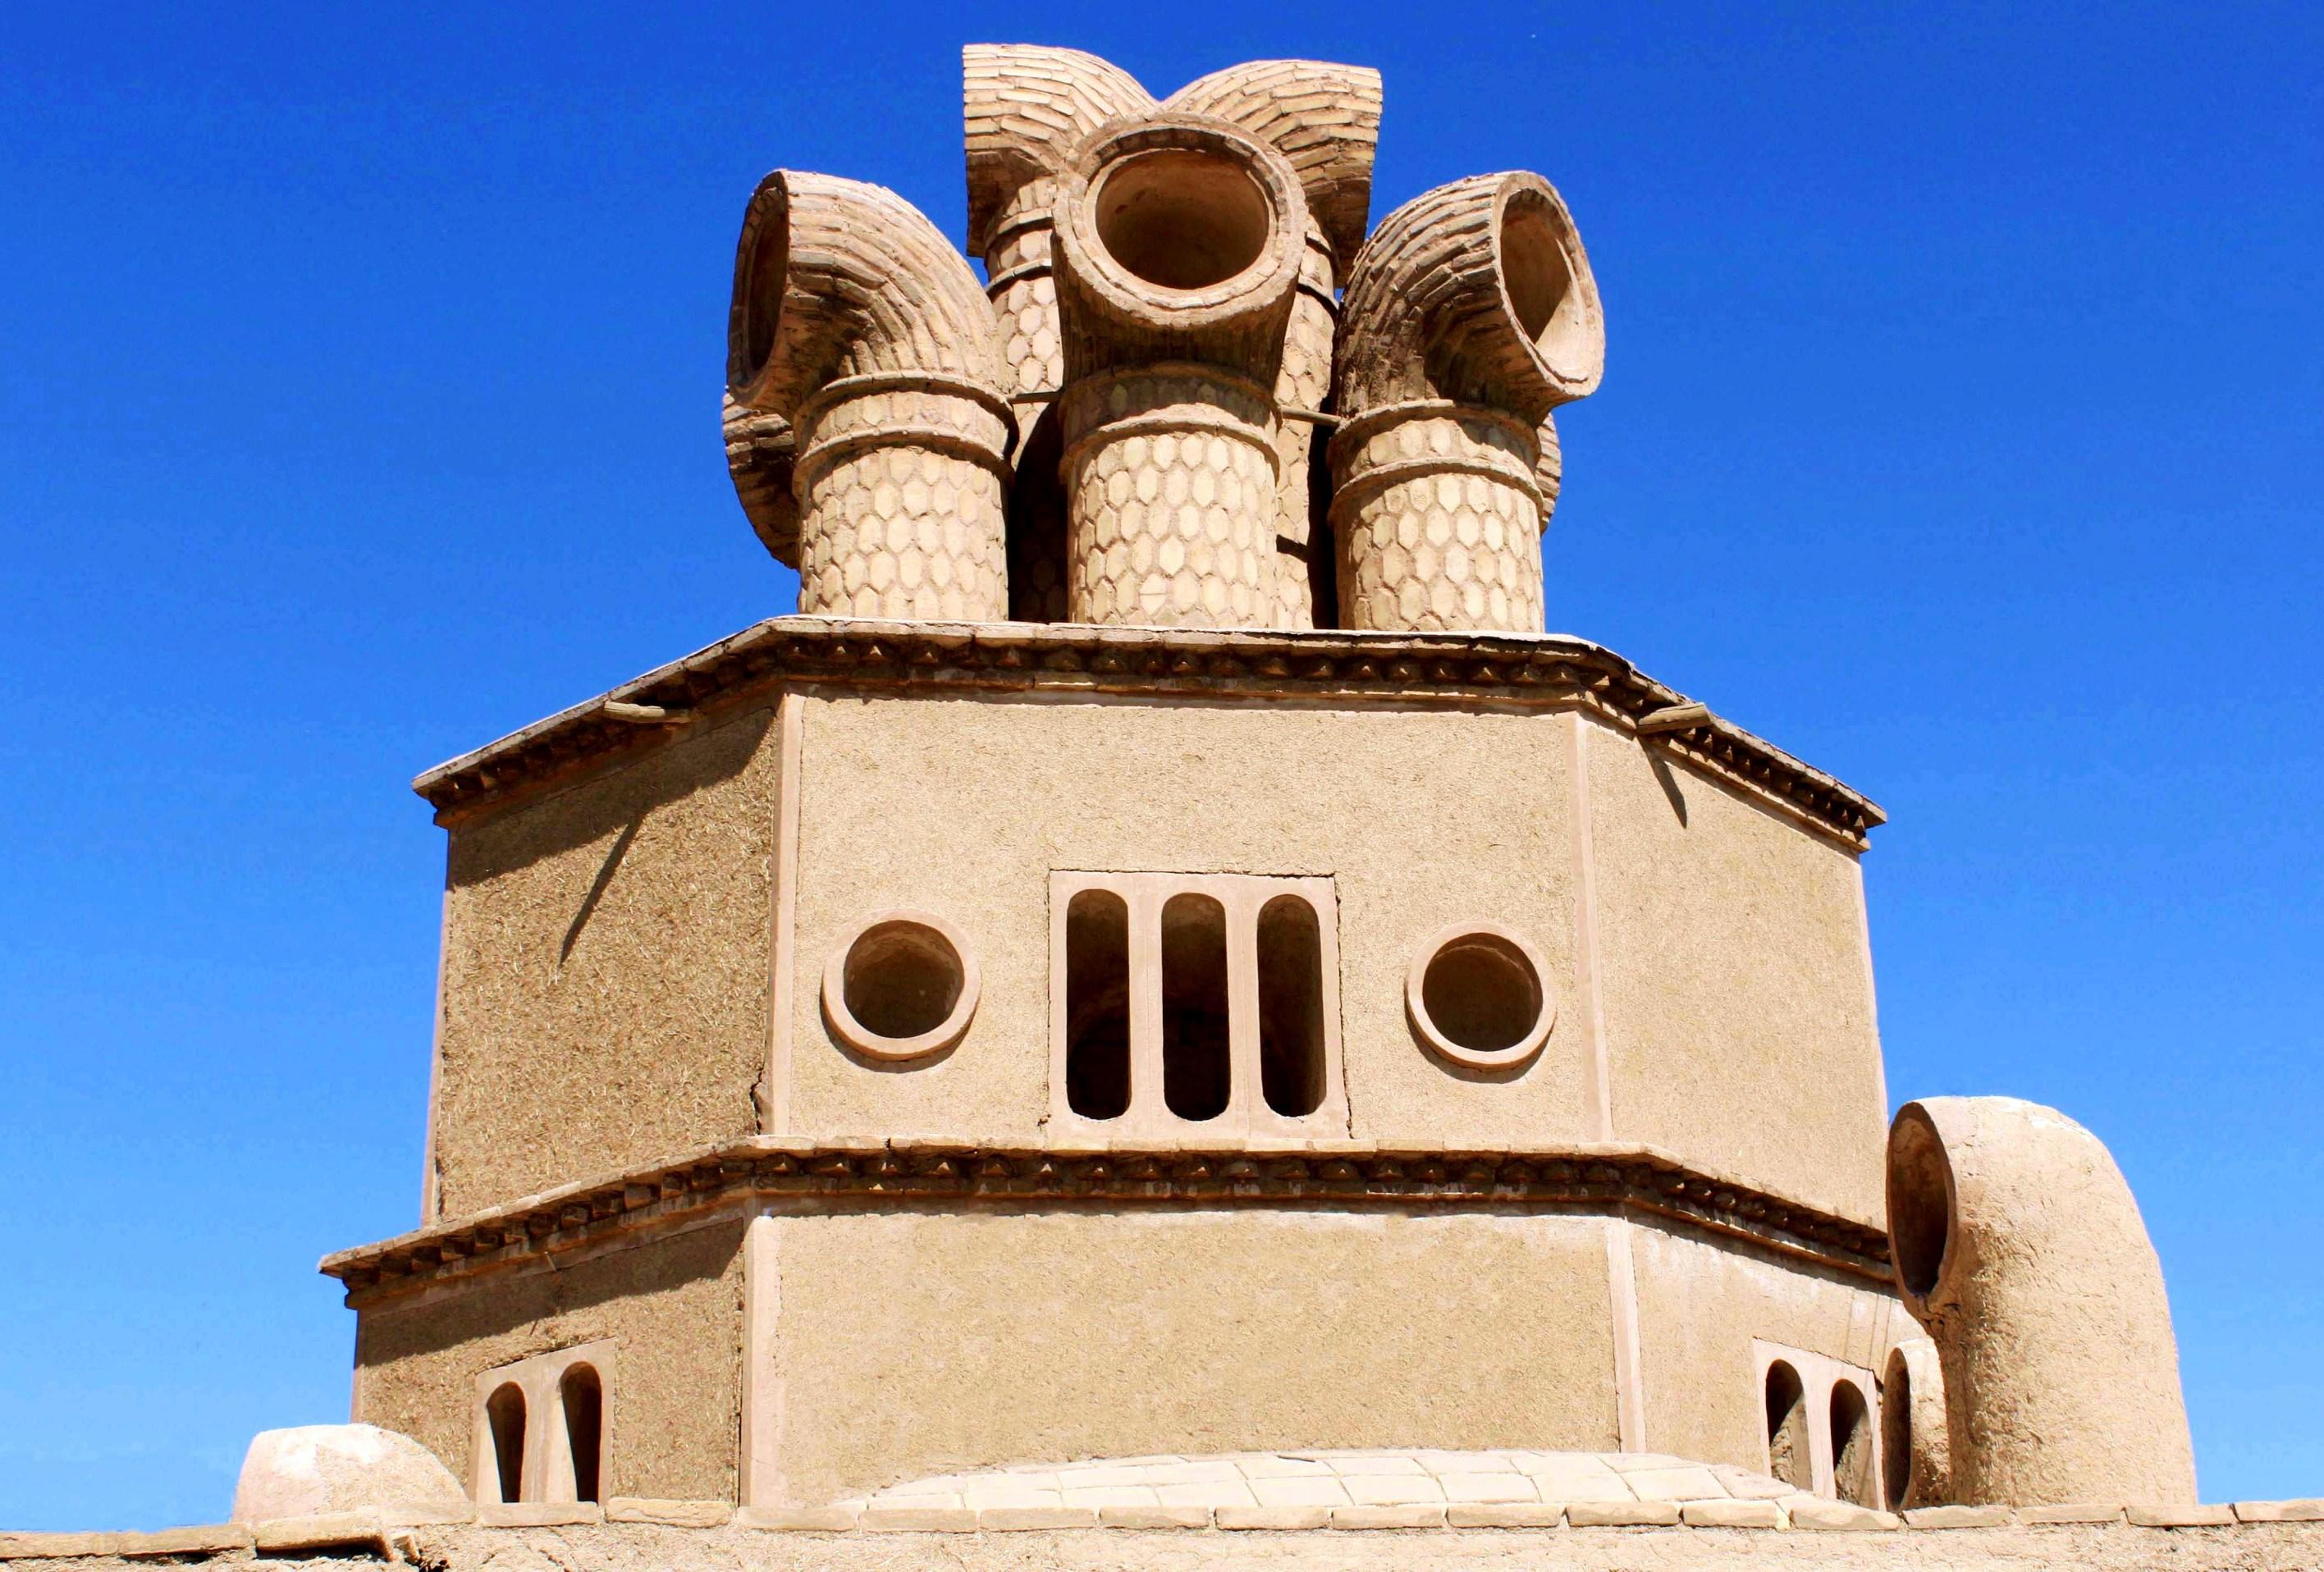 دیدنیهای تاریخی و فرهنگی و جاذبههای سیرجان